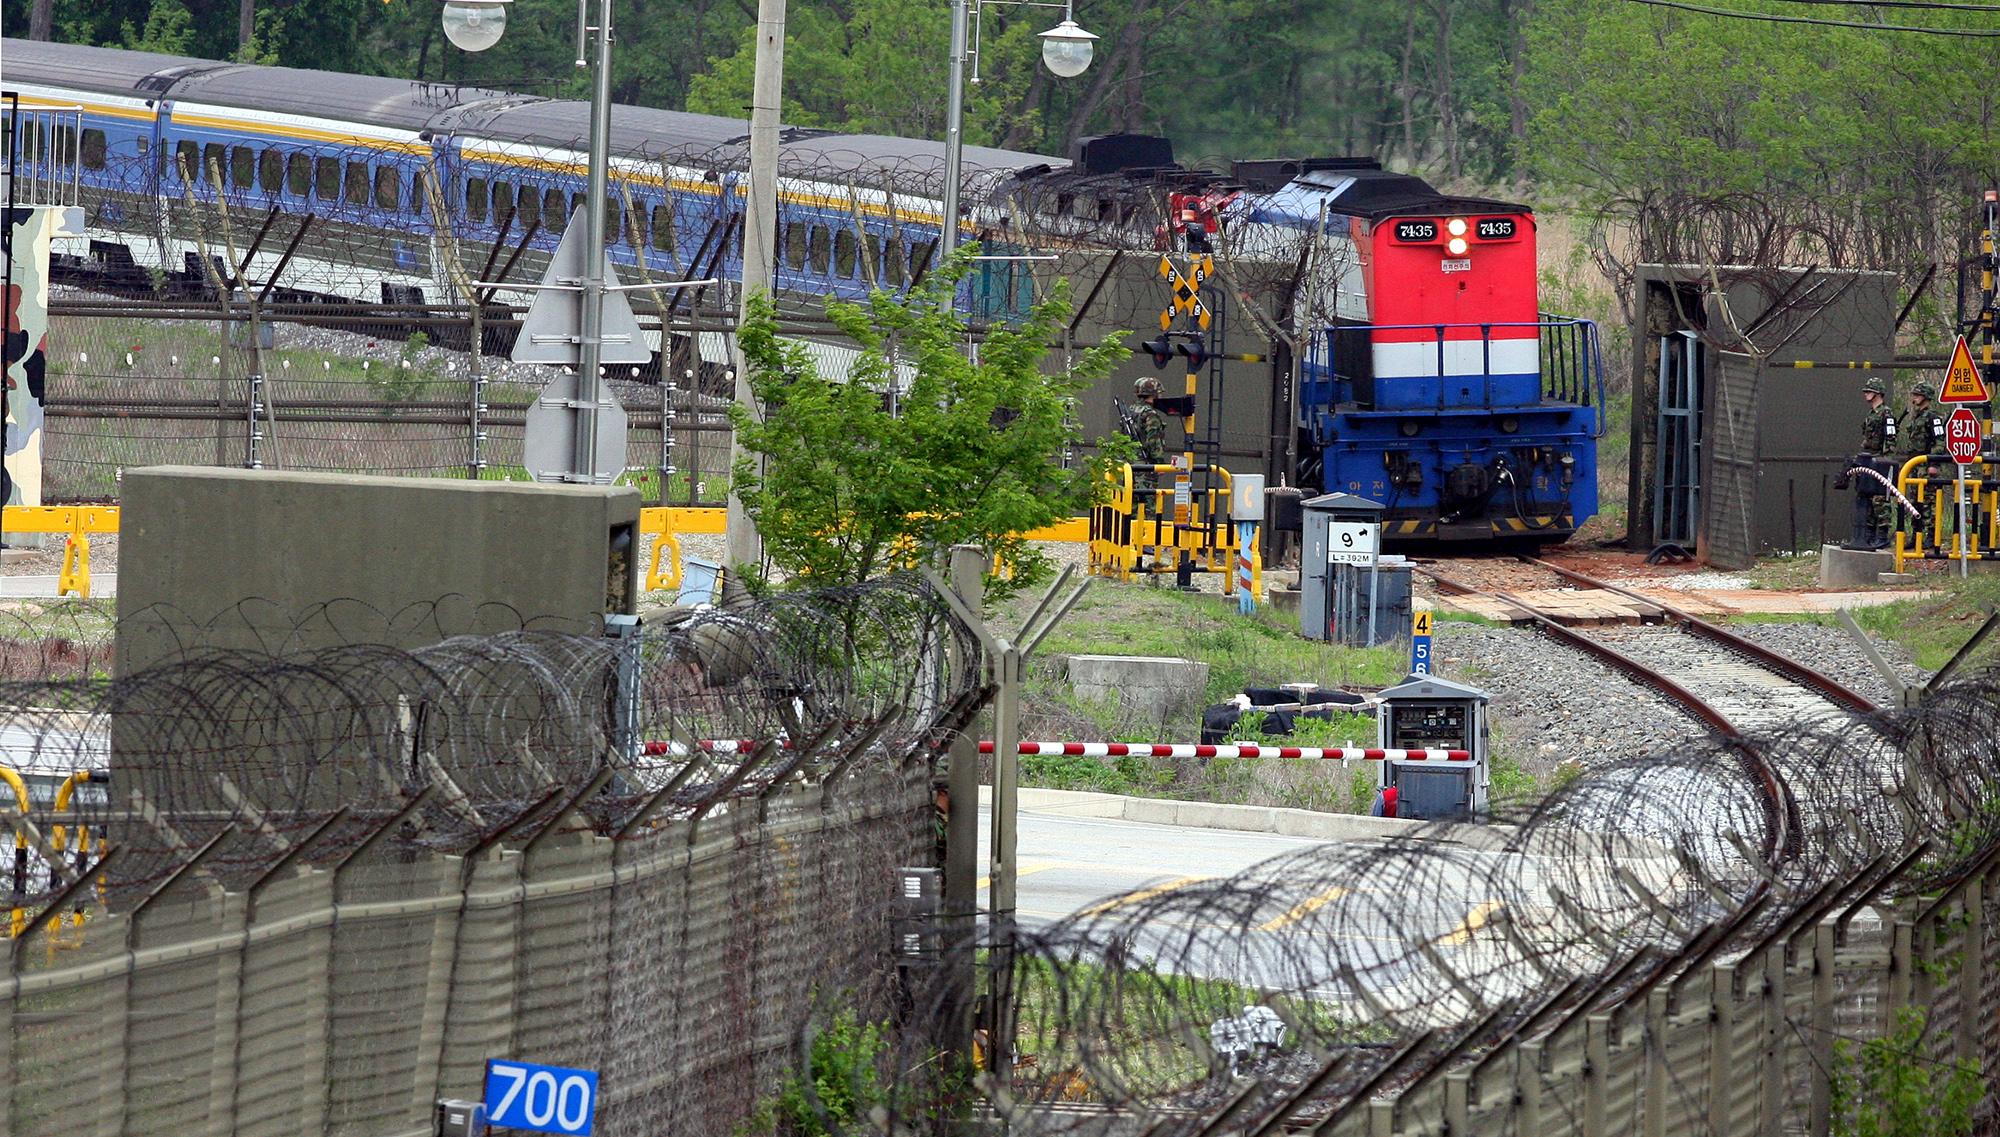 지난 2007년 5월 남북철도 시험운영에서 경의선 열차가 개성에 갔다가 돌아오는 모습. [연합뉴스]